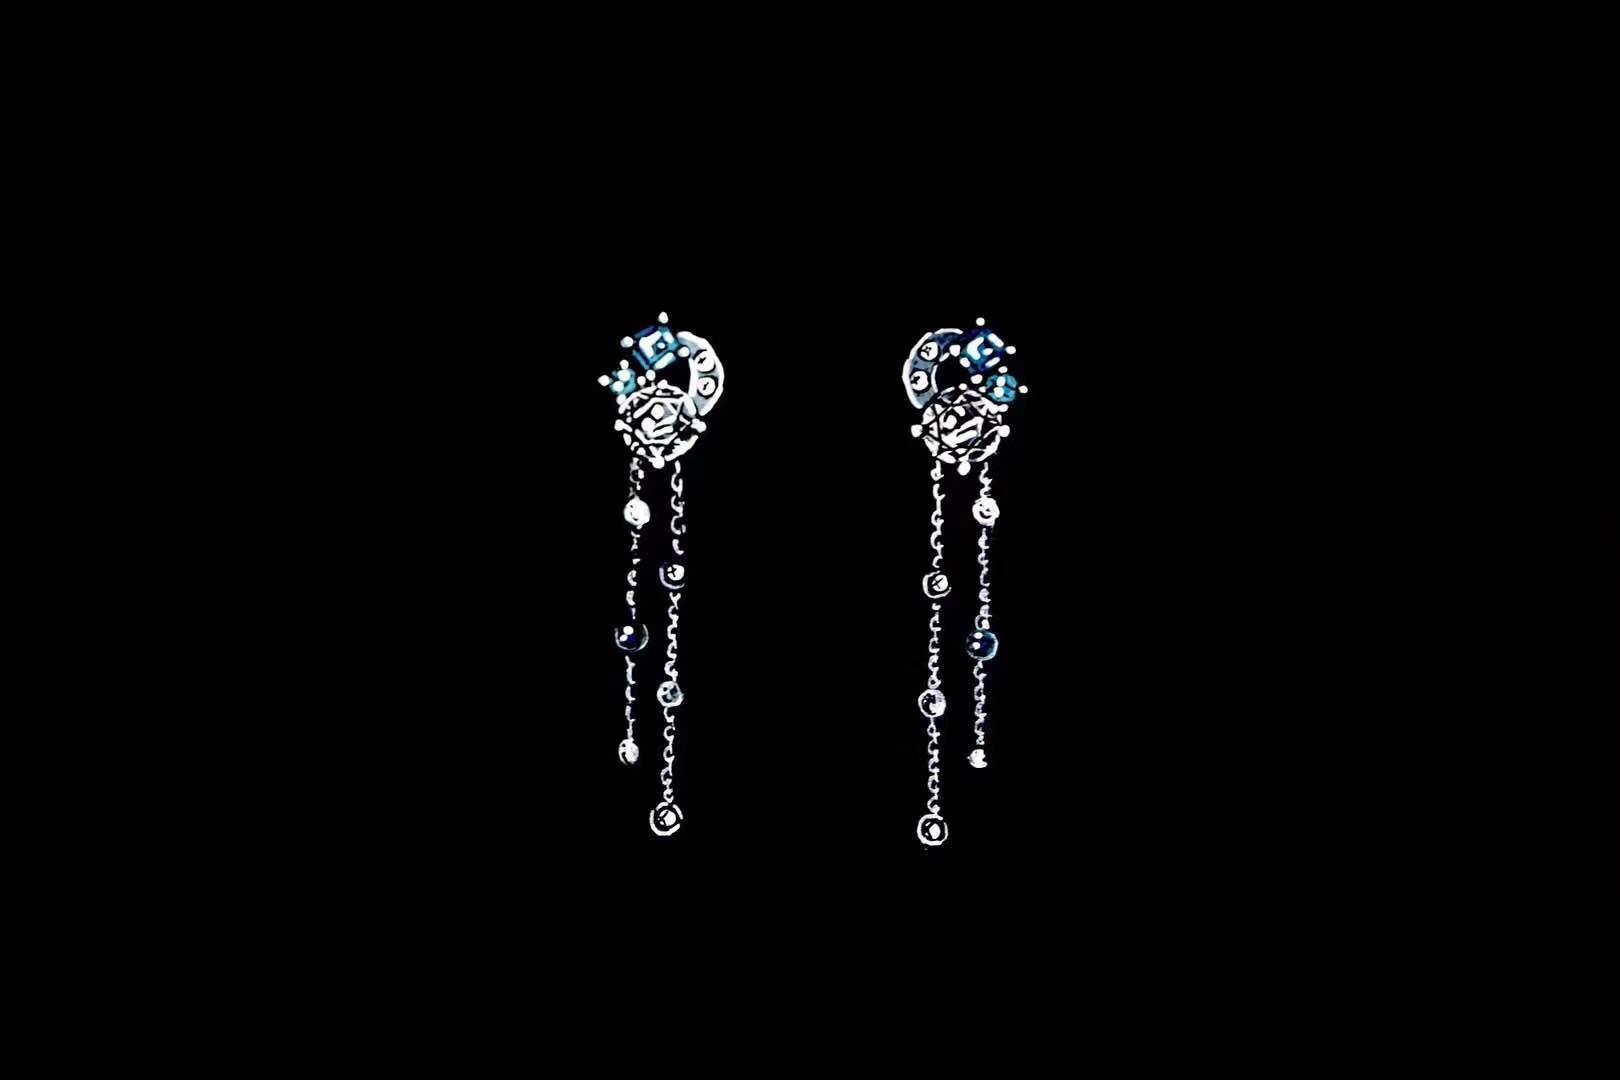 怎么挑选蓝宝石?什么成色的蓝宝石最好?-菩心晶舍